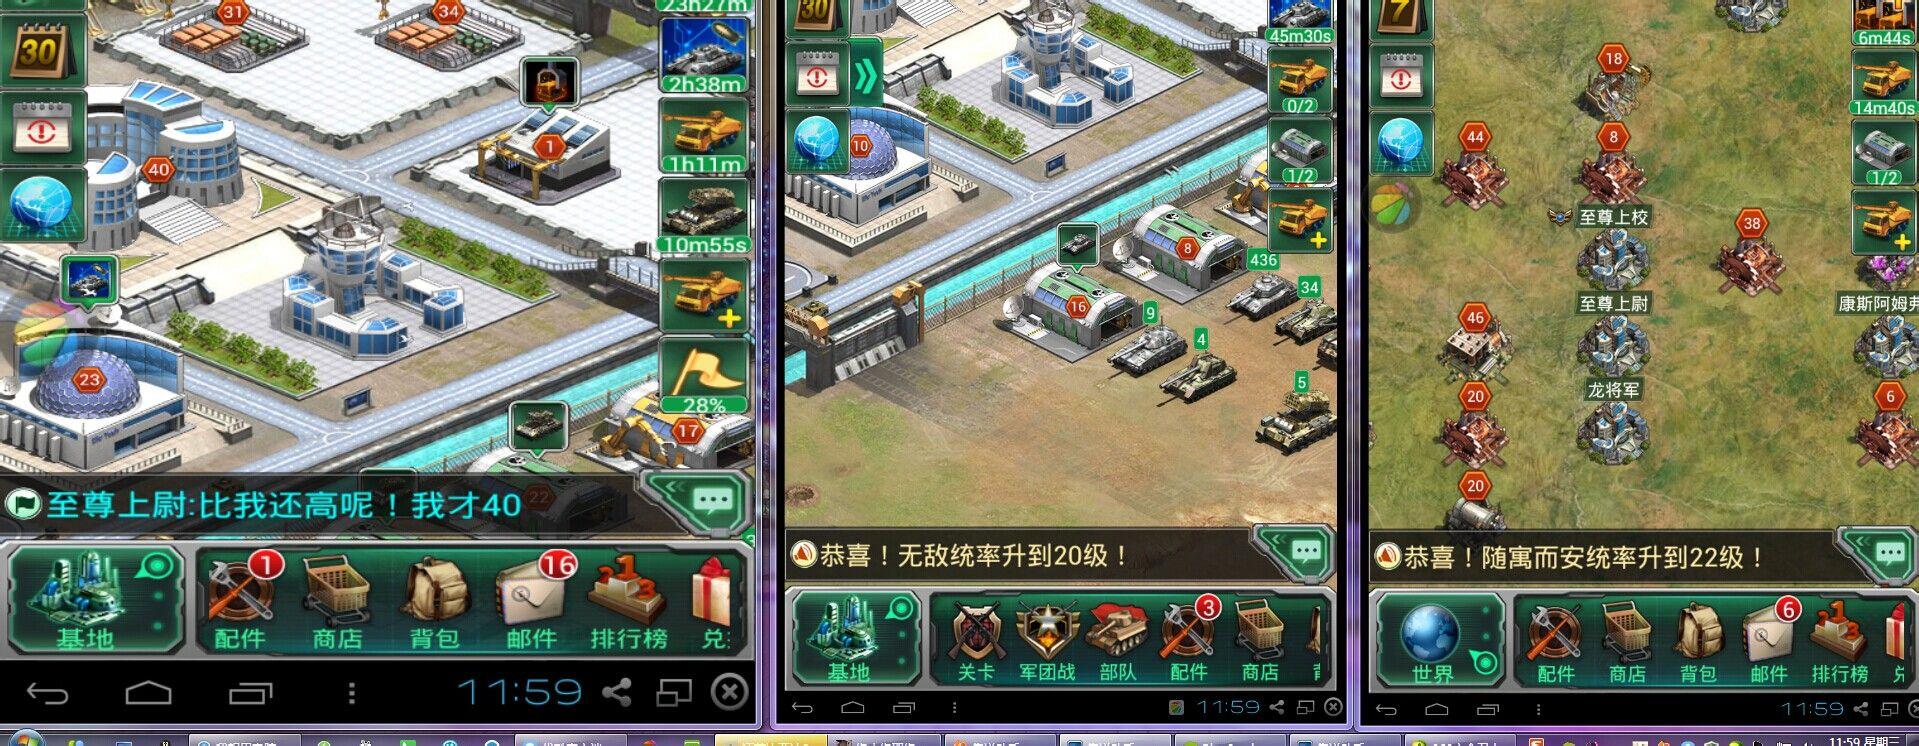 坦克风云ol红警 我的资源都满了,怎么能扩大仓库的资源容量?